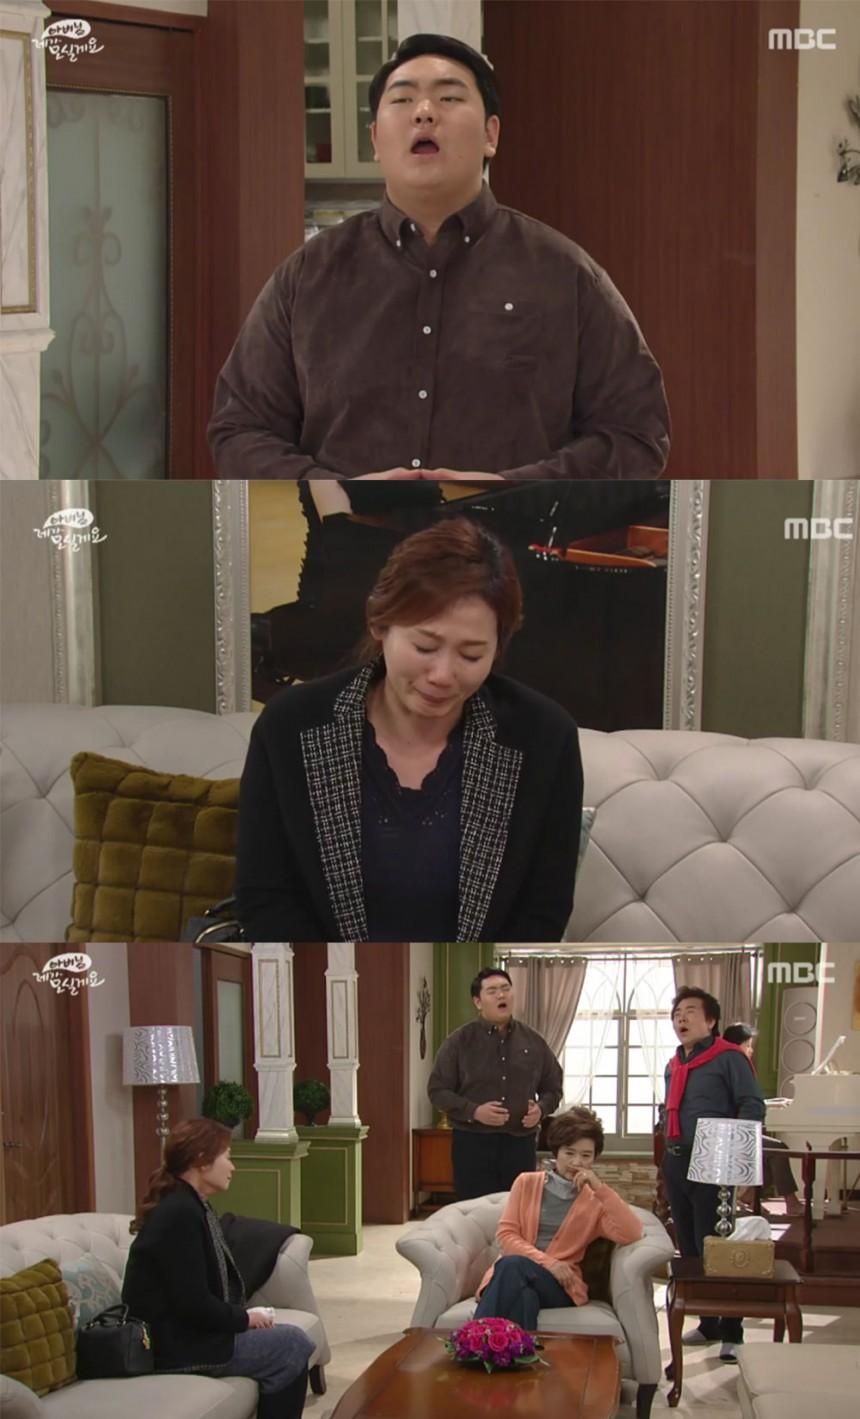 '아버님 제가 모실게요' 출연진 / MBC '아버님 제가 모실게요' 방송 캡처